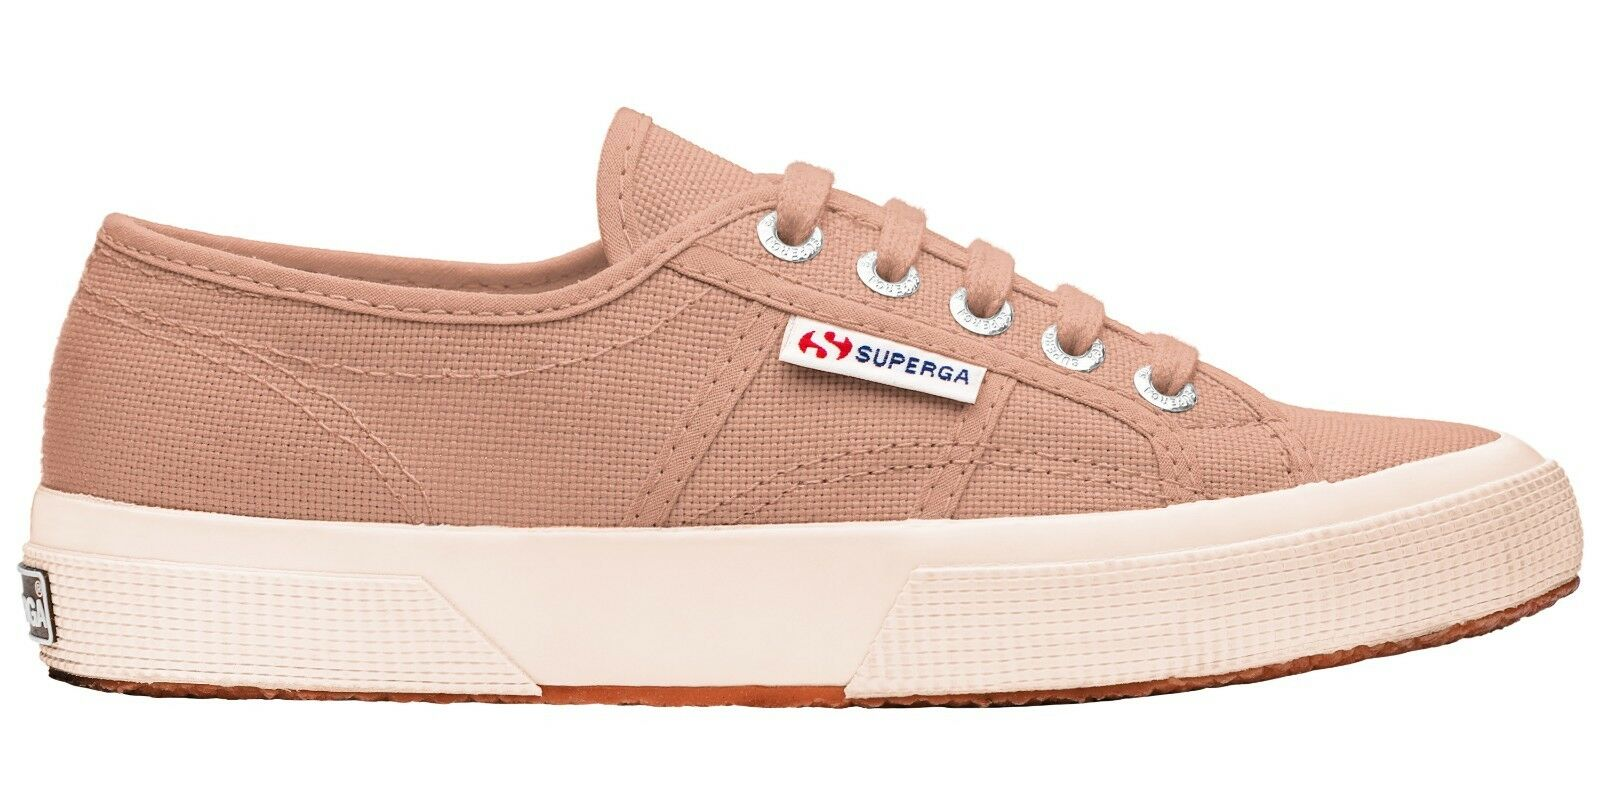 Superga 2750 Cotu Clásico Zapato De Caoba De De De rosado ()   oficiales del Reino Unido Superga Distribuidor  comprar marca